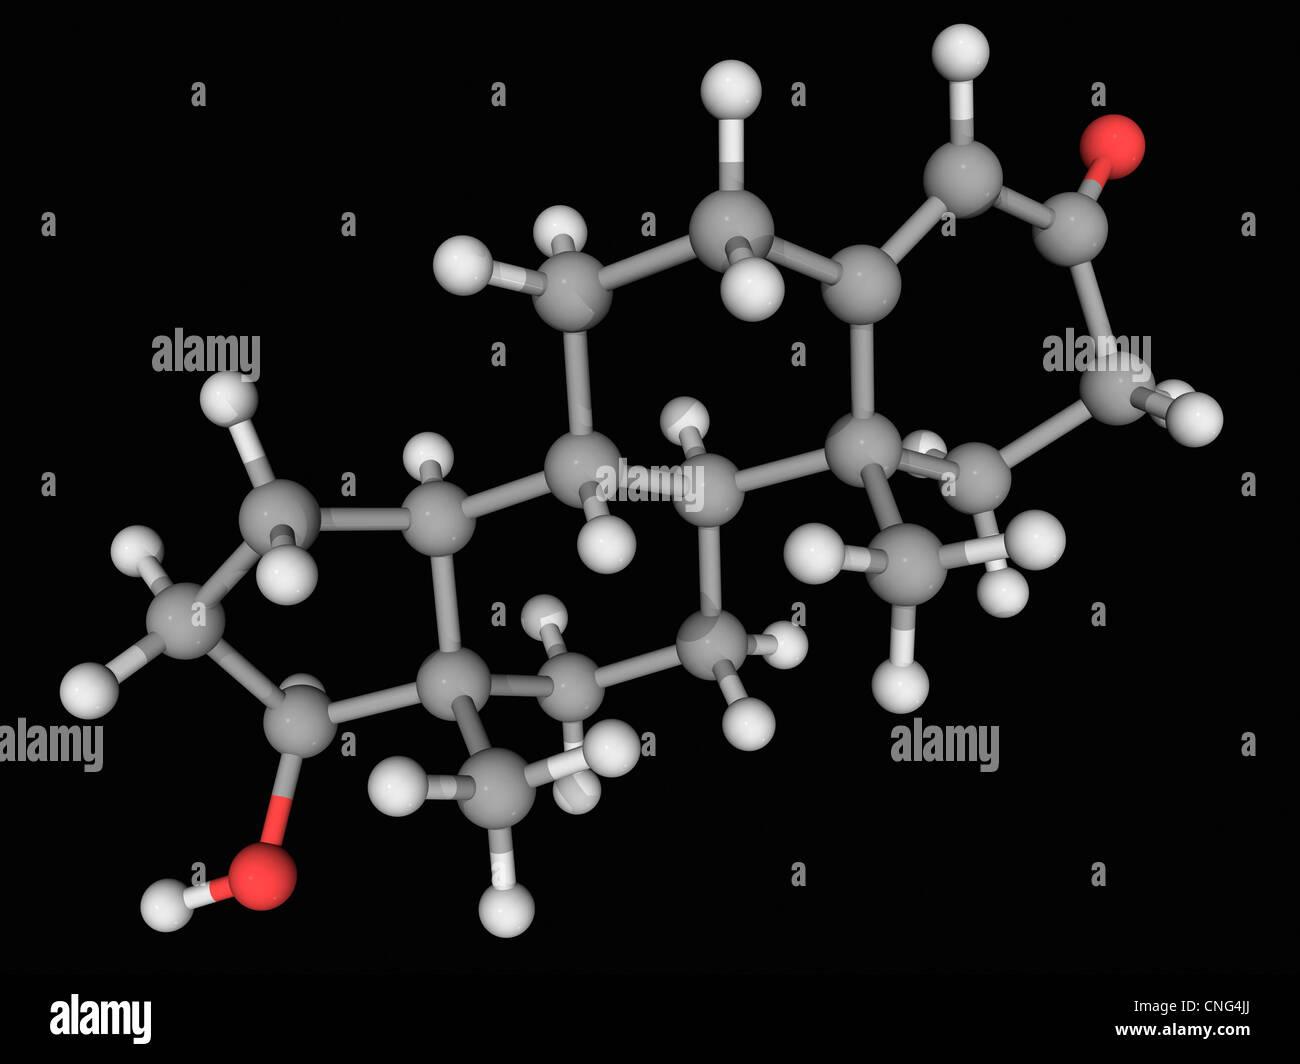 Testosterone hormone molecule - Stock Image